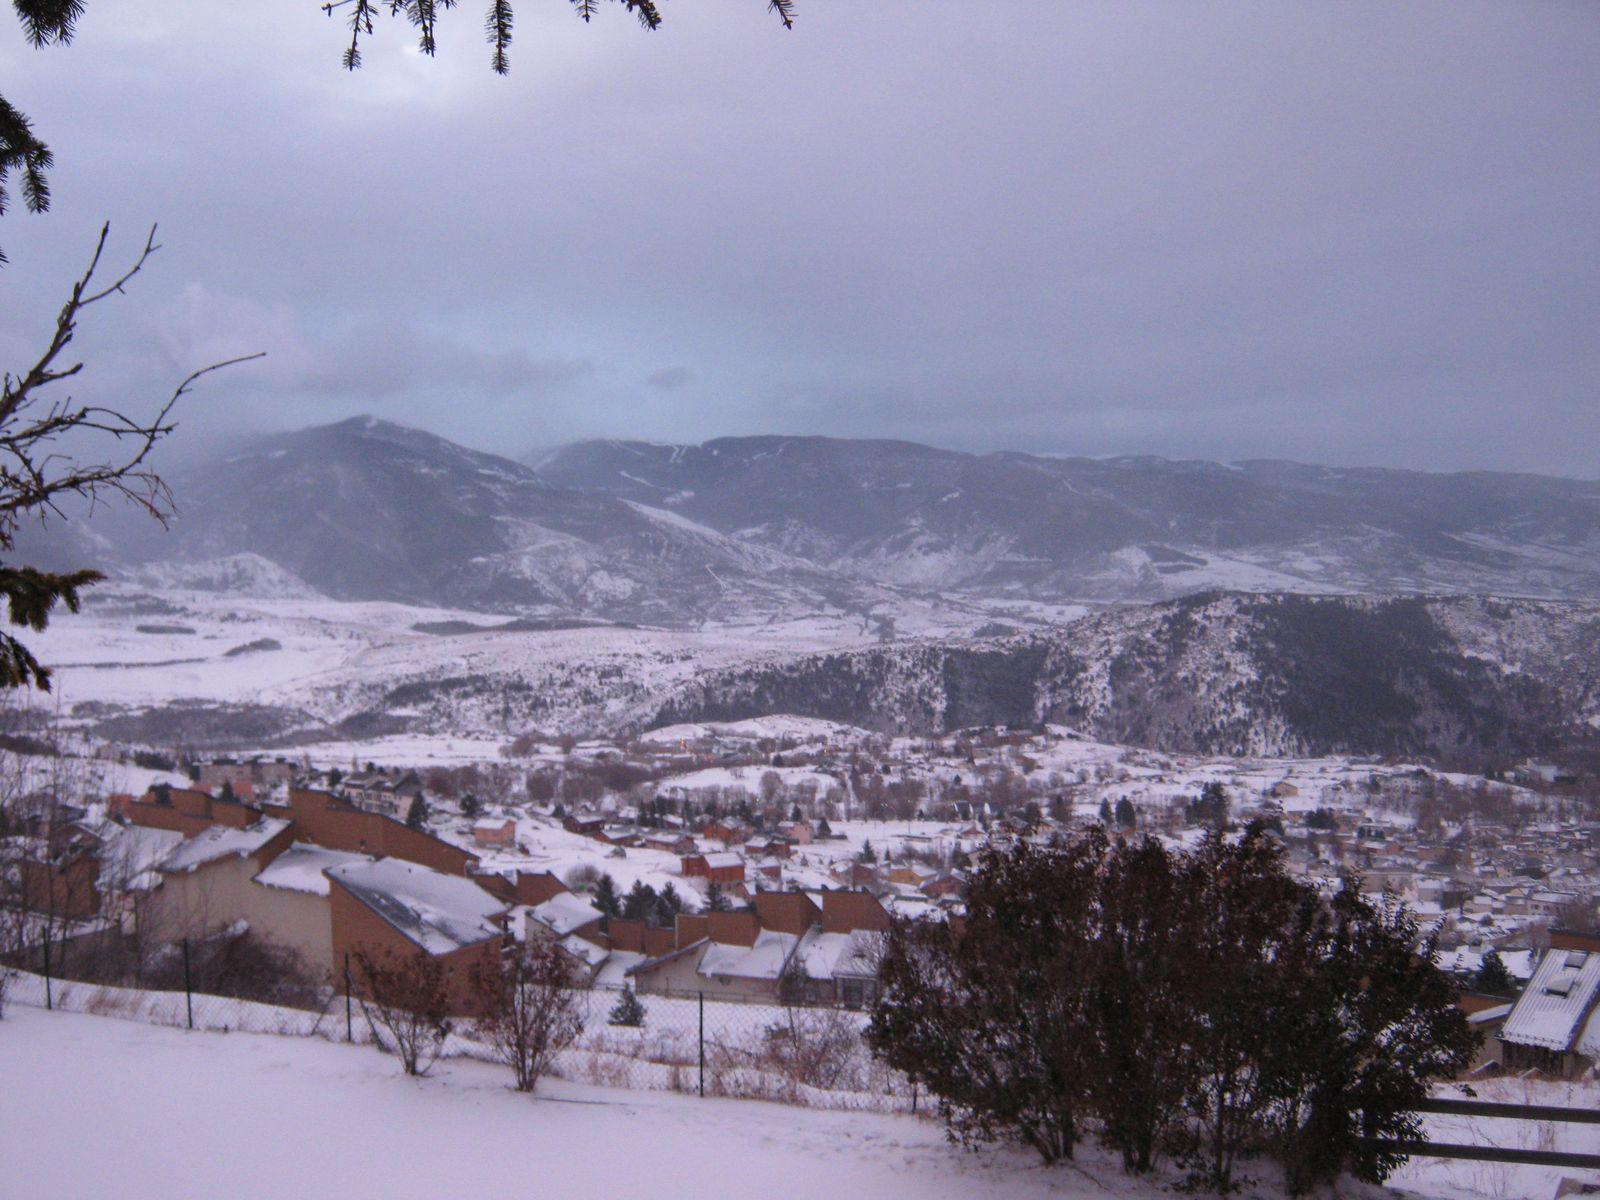 Domaine skiable pyrénées : pour des vacances en famille